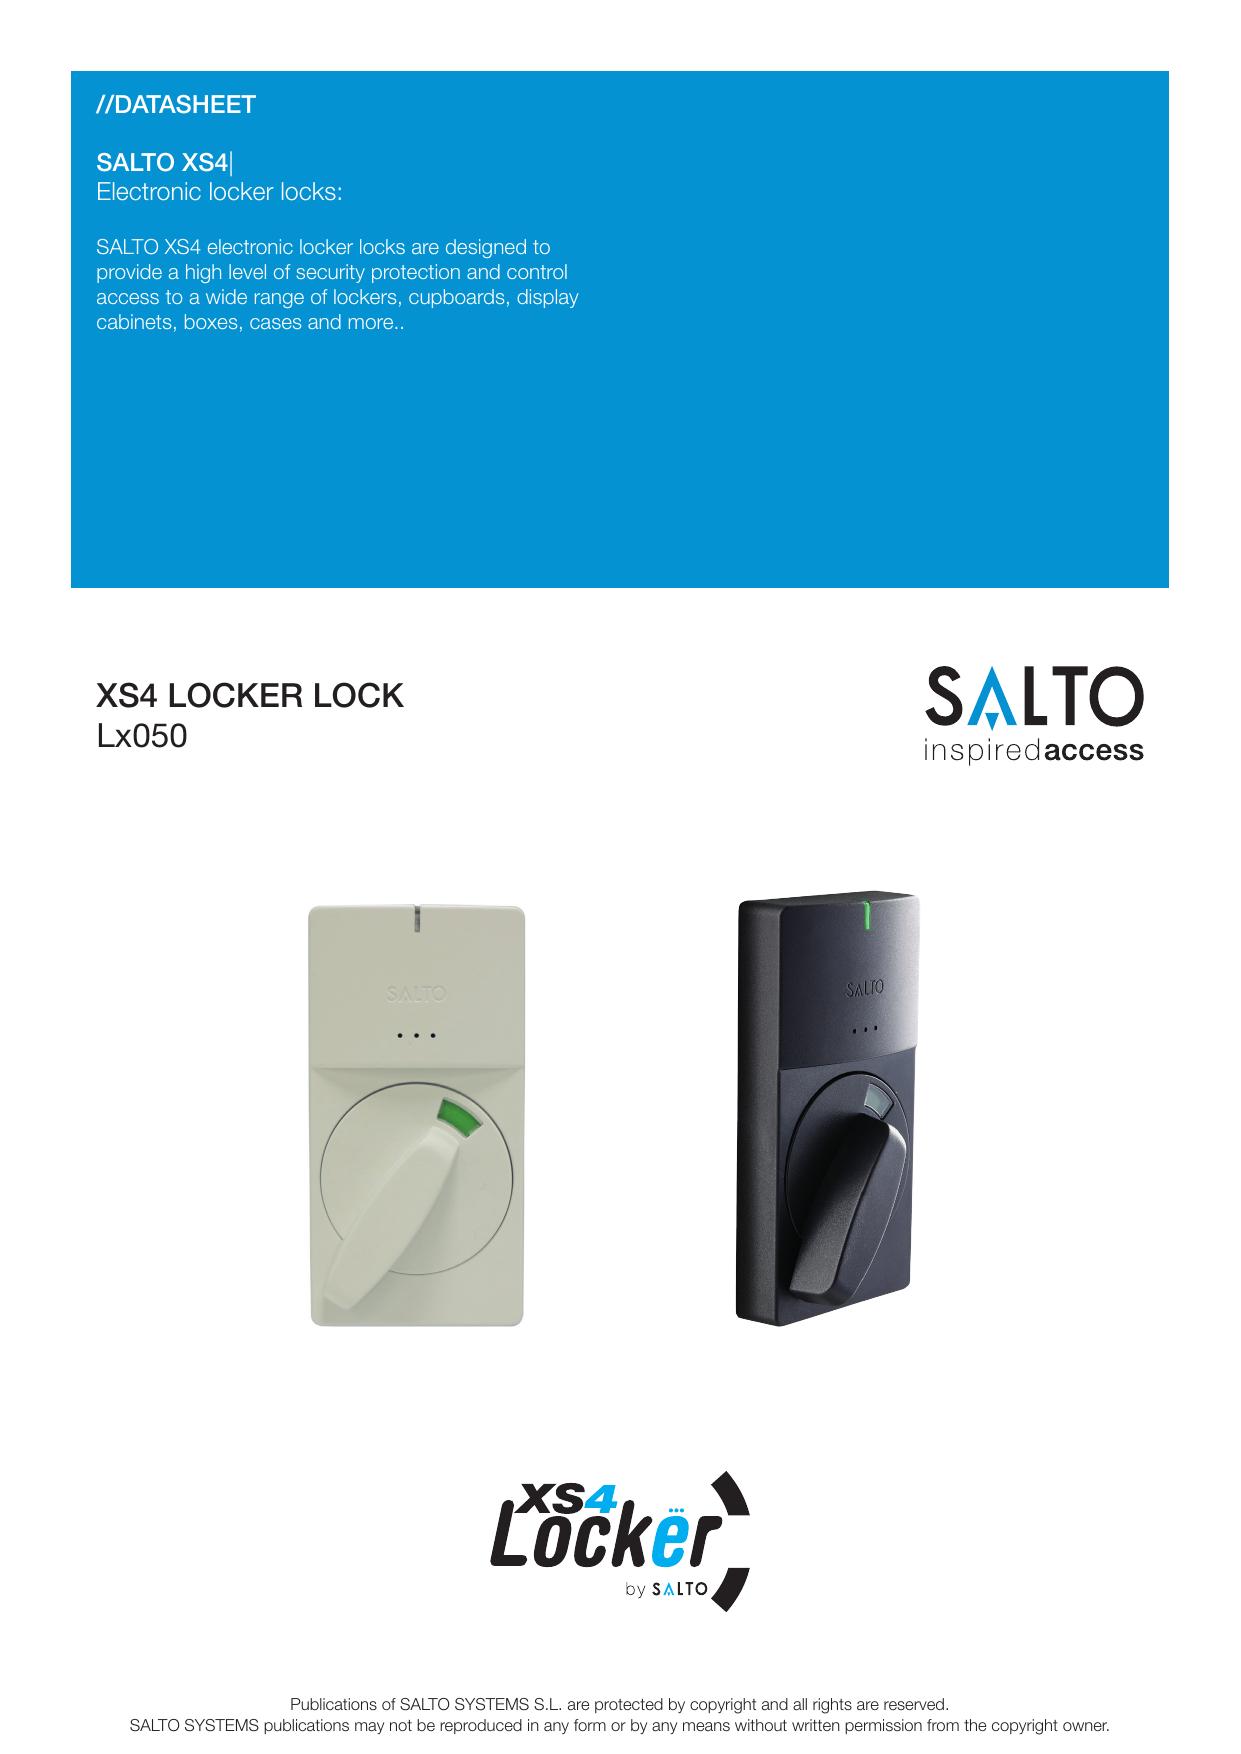 XS4 LOCKER LOCK Lx050 | manualzz com